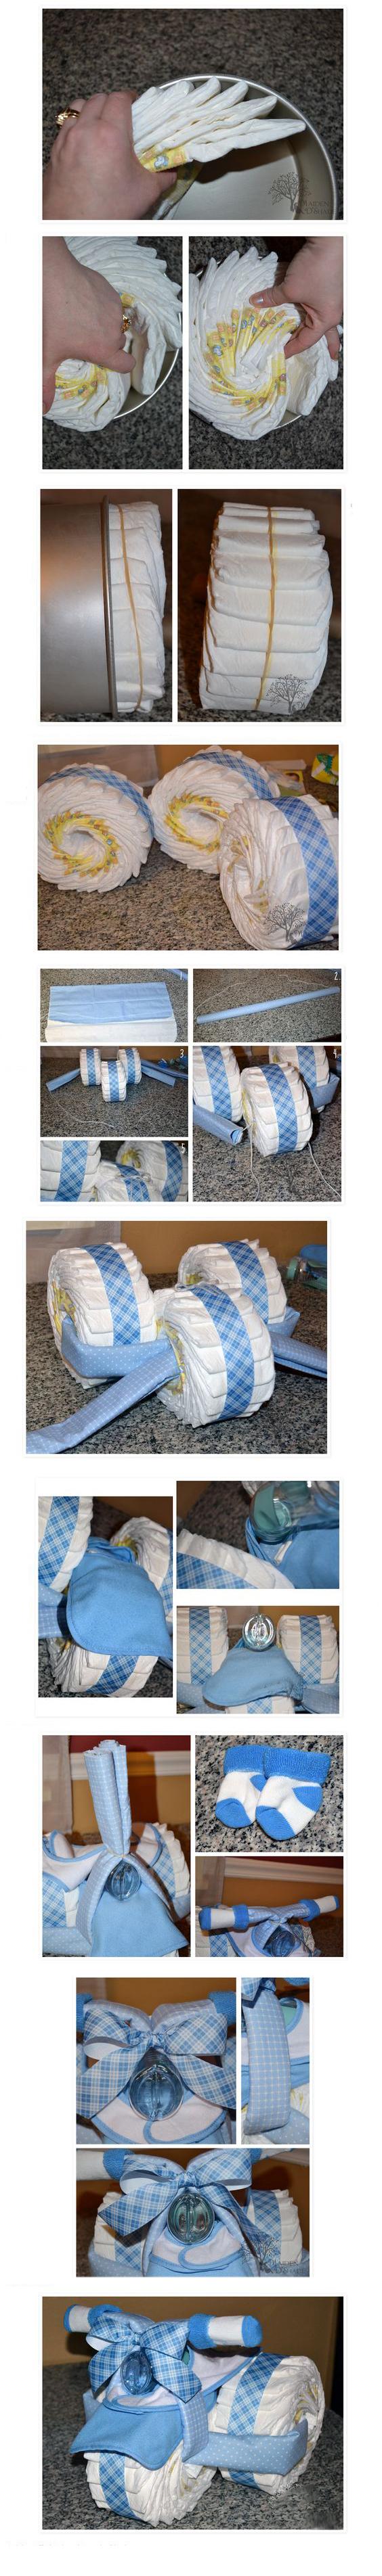 Как сделать подарок для новорожденного из памперсов фото